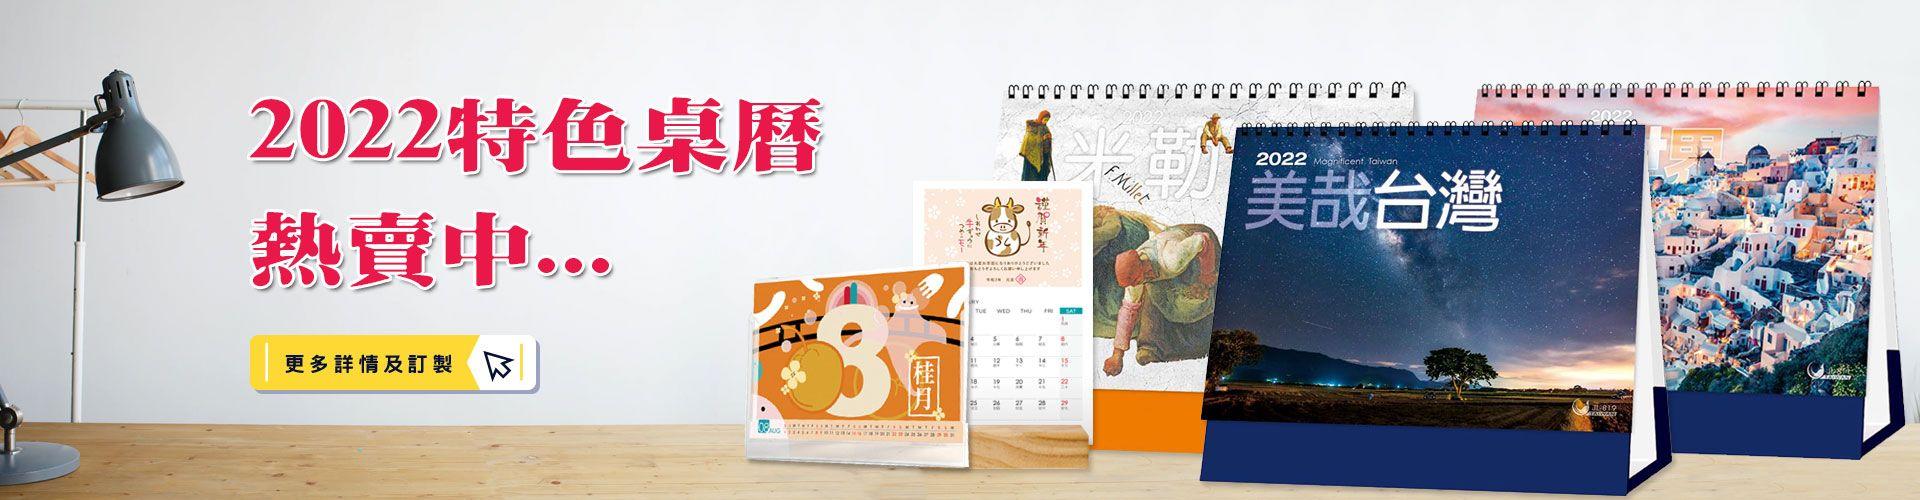 2022桌曆開賣摟